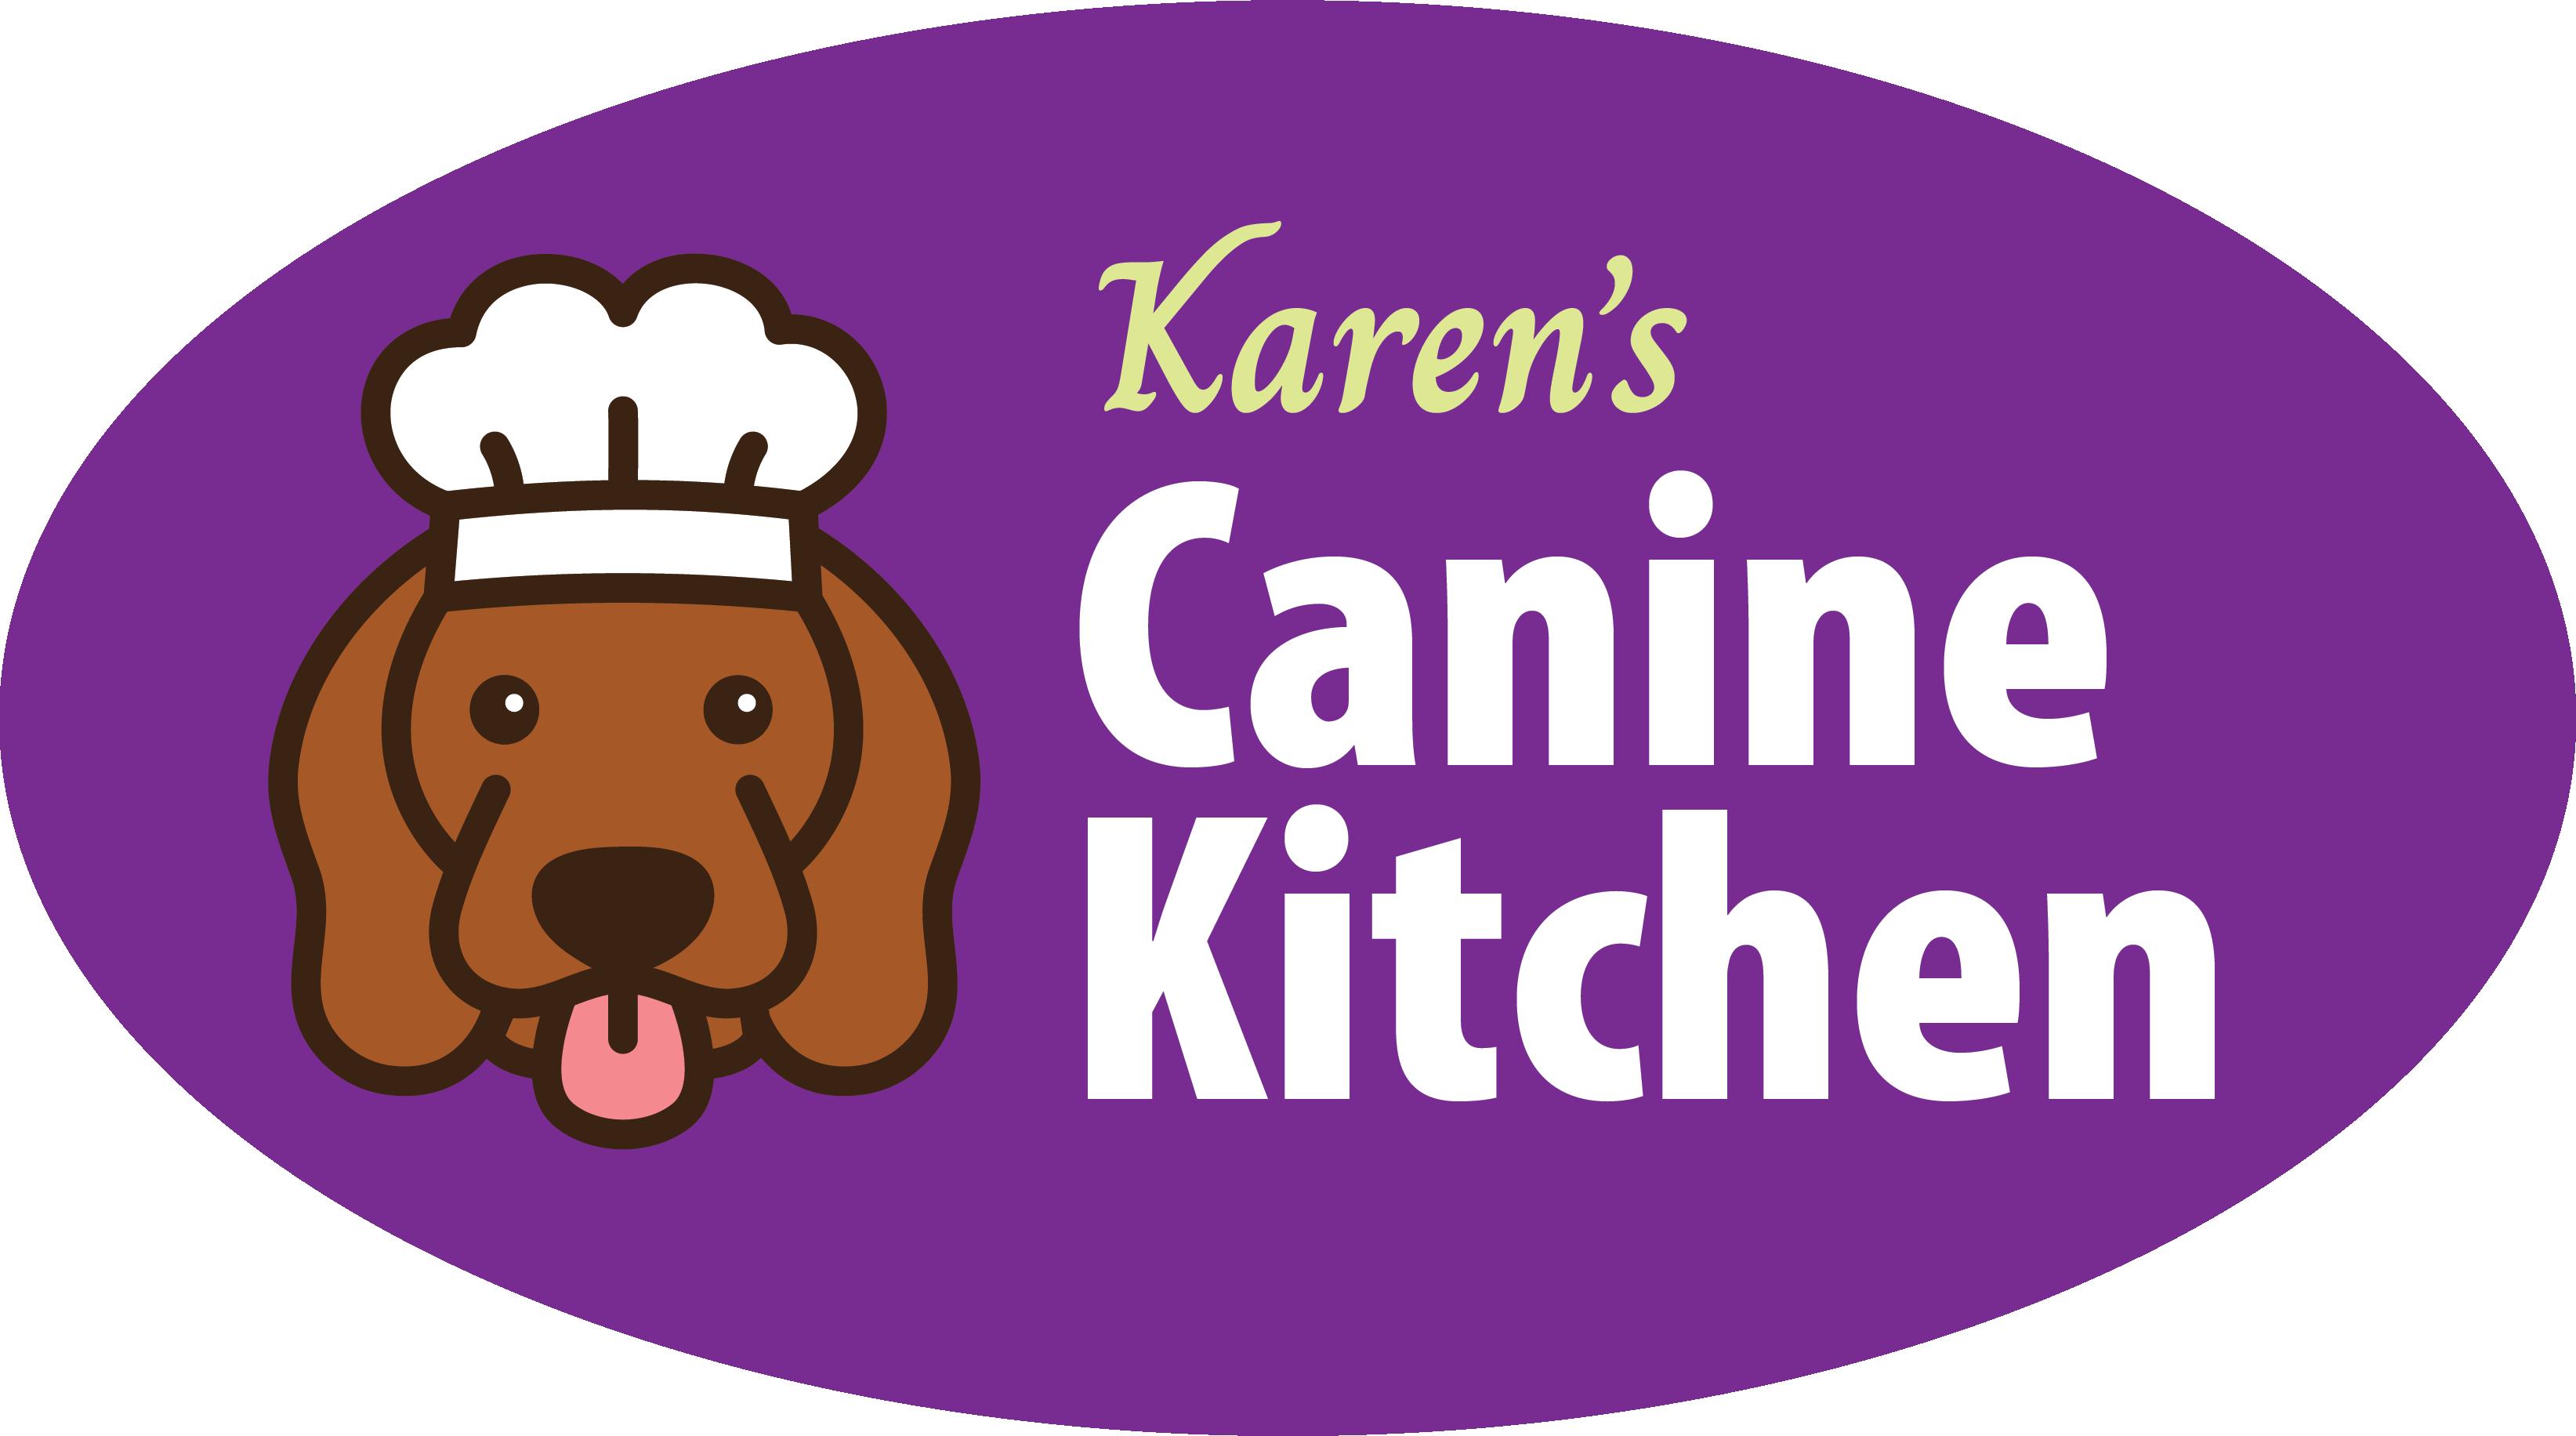 Karen's Canine Kitchen Logo